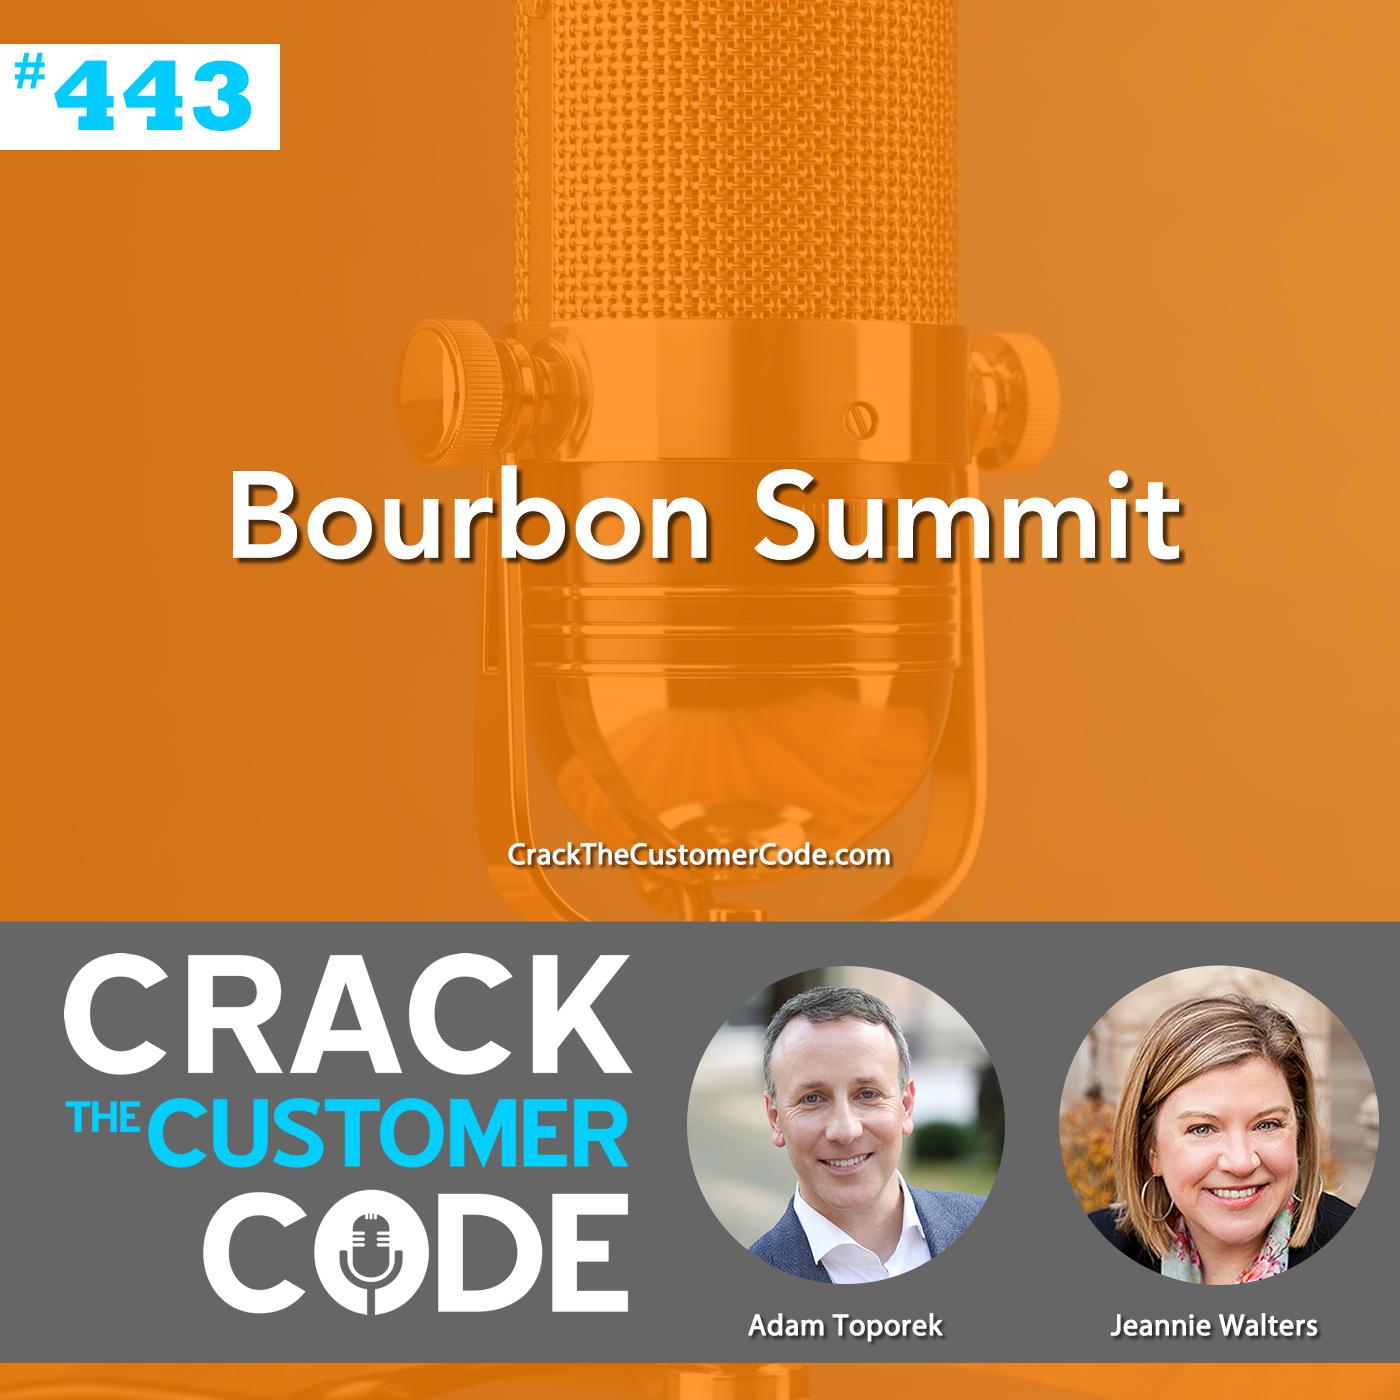 443: Bourbon Summit #4